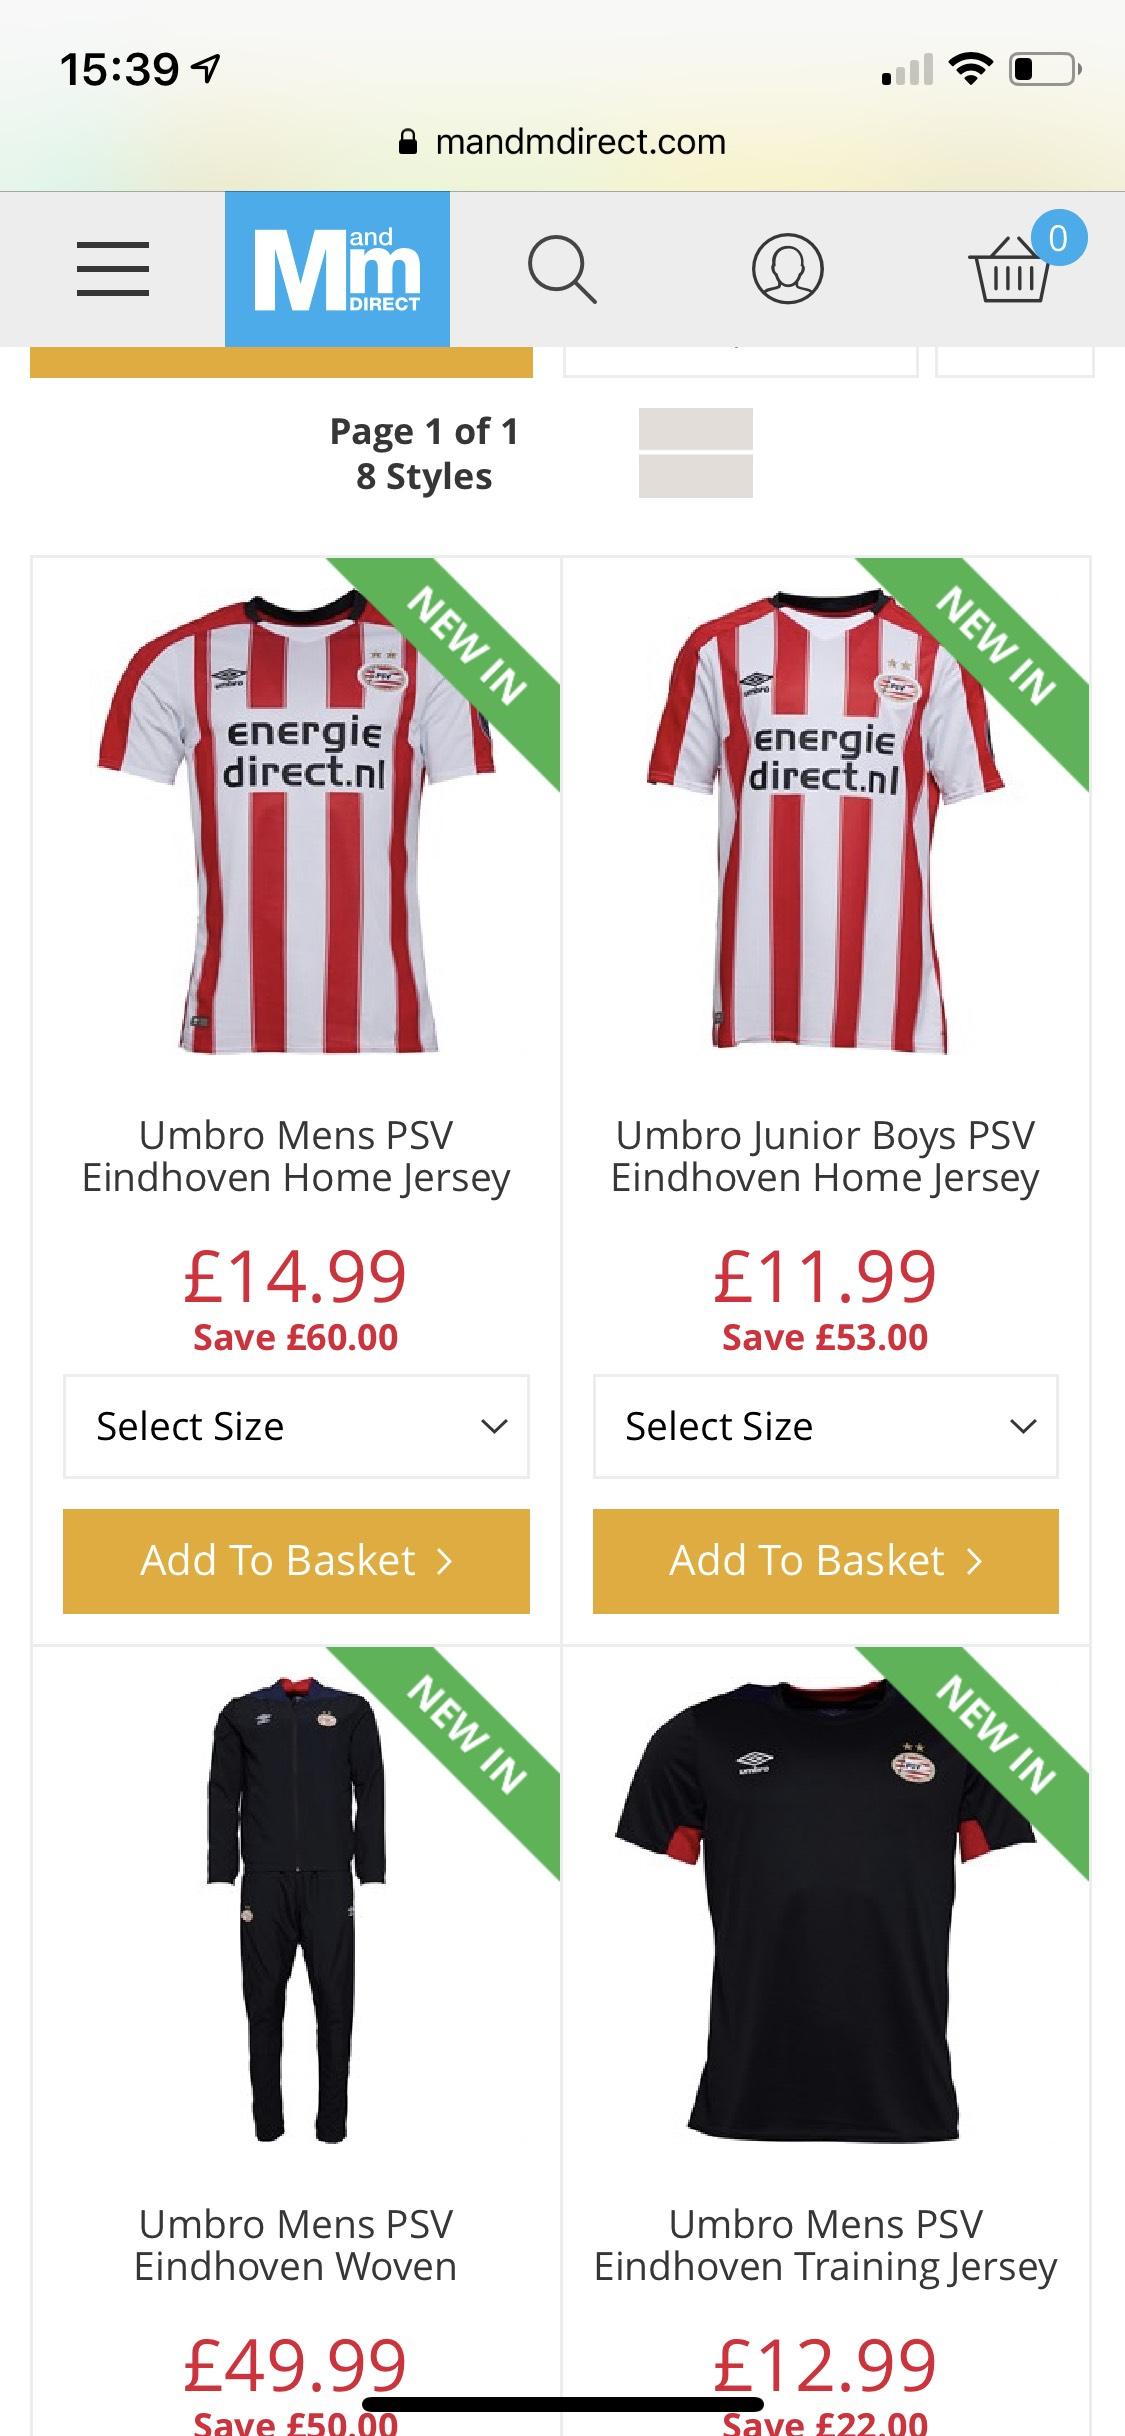 Zeer goedkoop PSV shirt 14,99£